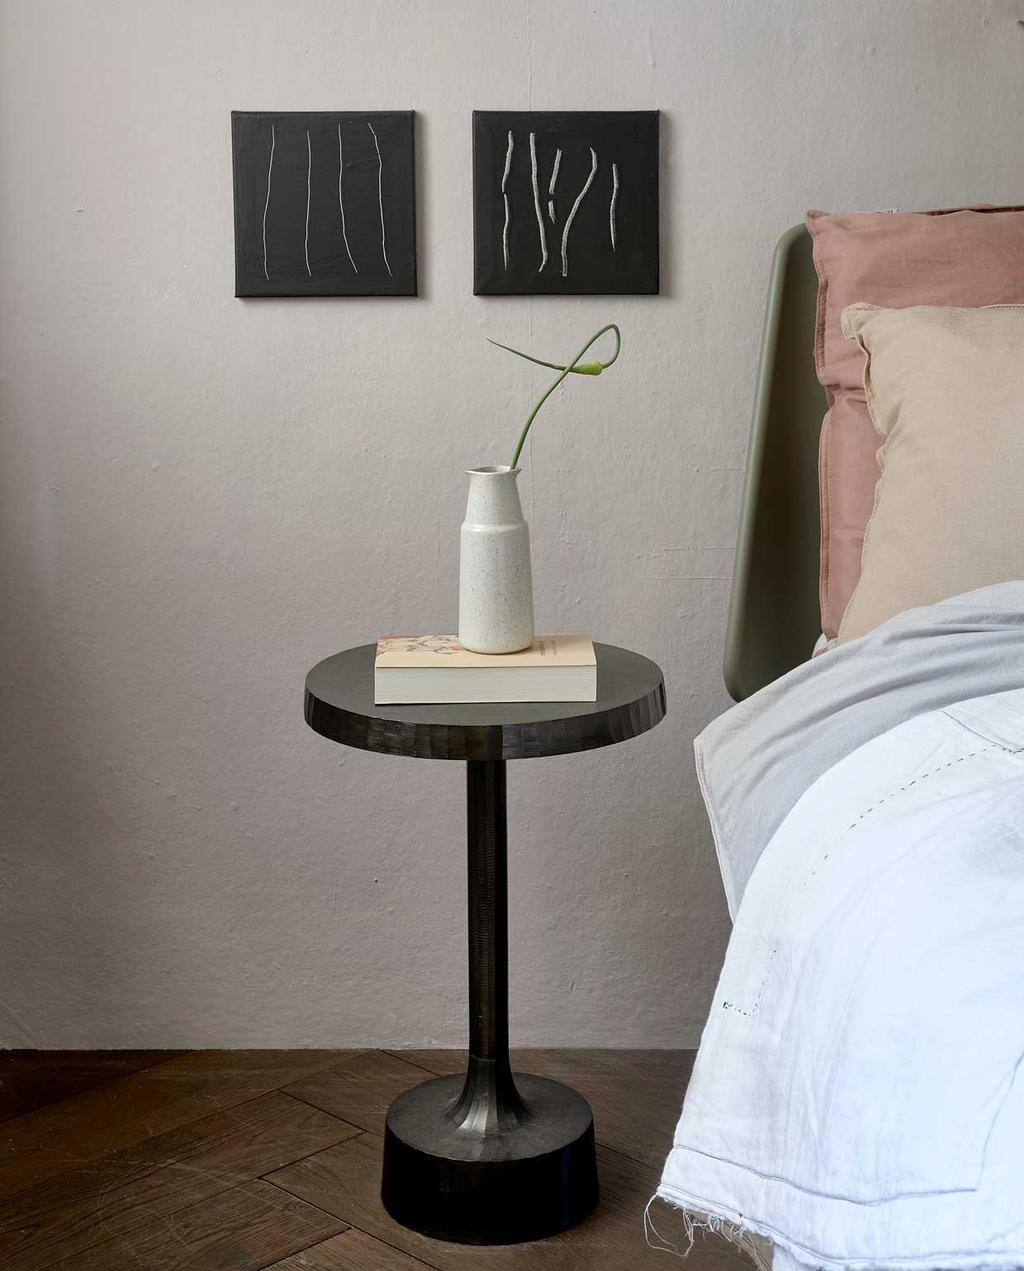 vtwonen trendhuis 10-2020 | slaapkamer met bed en zwart tafeltje